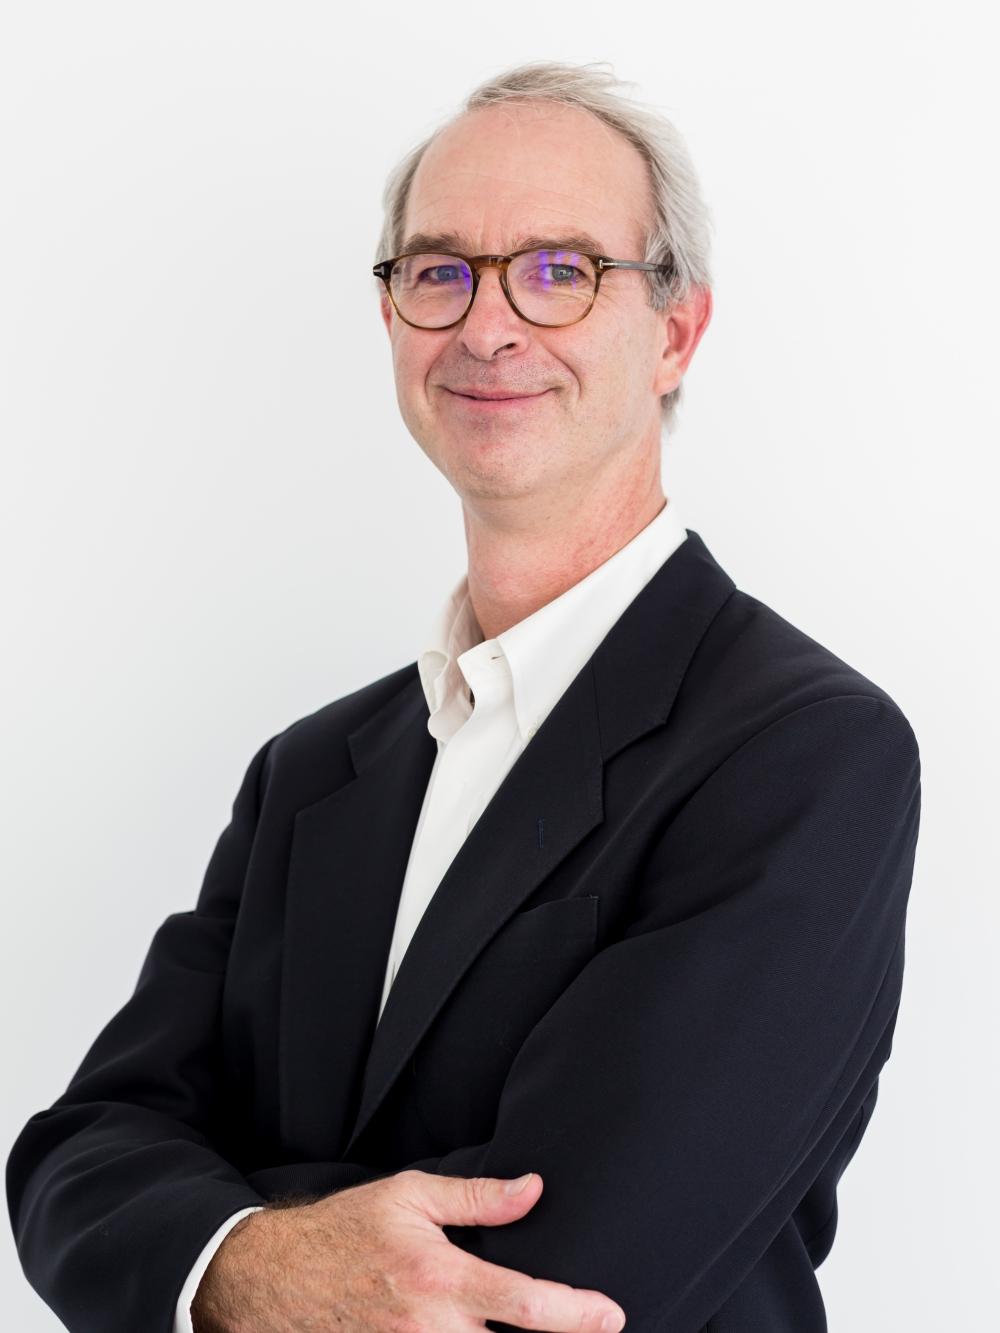 ANDRIJ ROSTEK